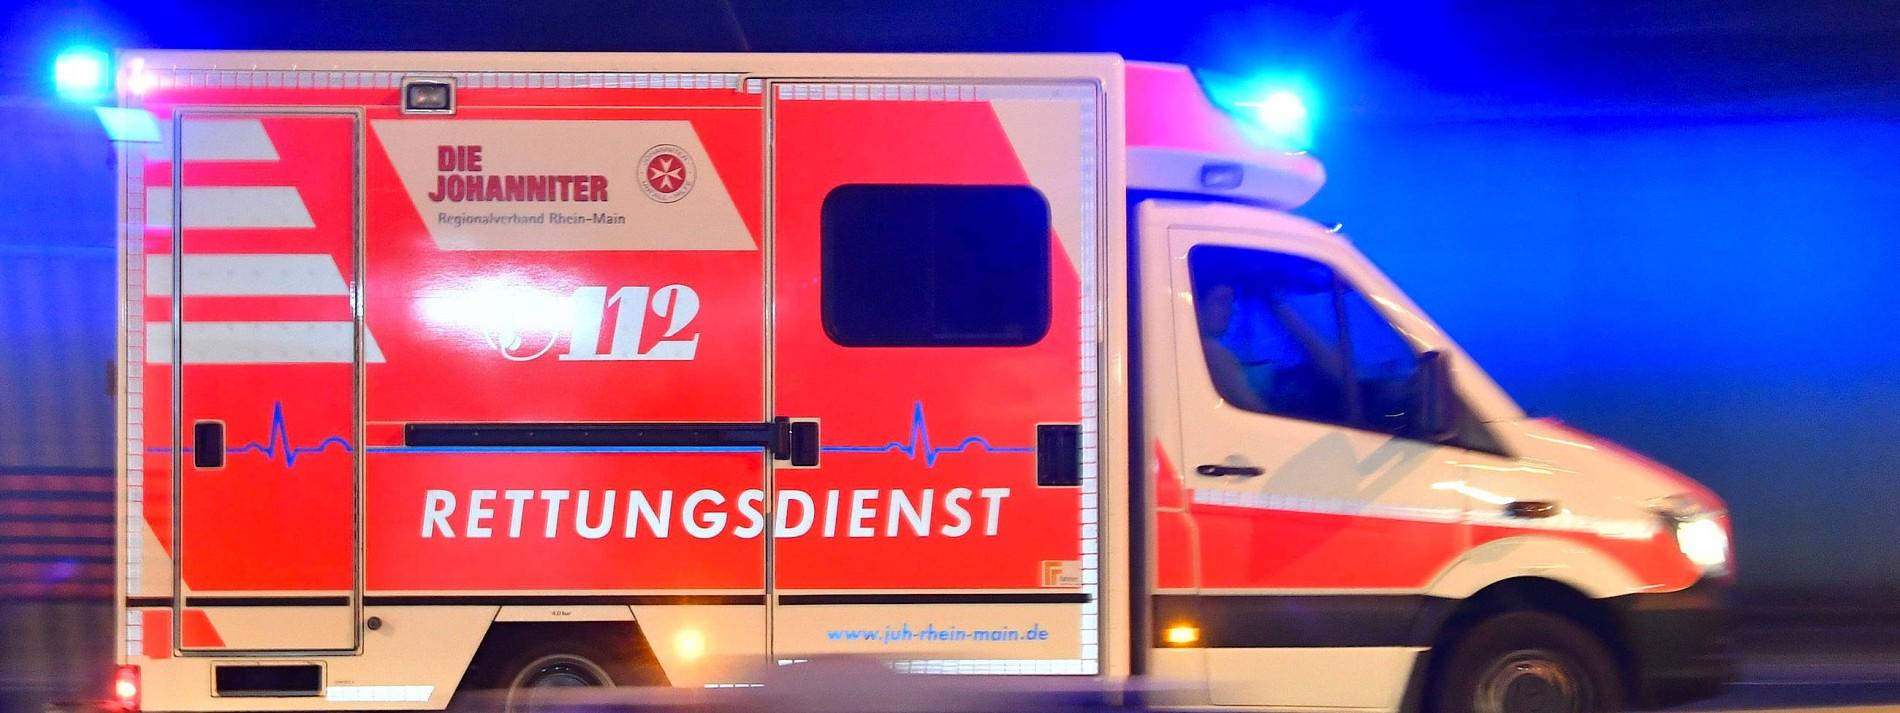 Verletzte nach Waschmaschinenbrand – Lastwagen kracht in Betonwand